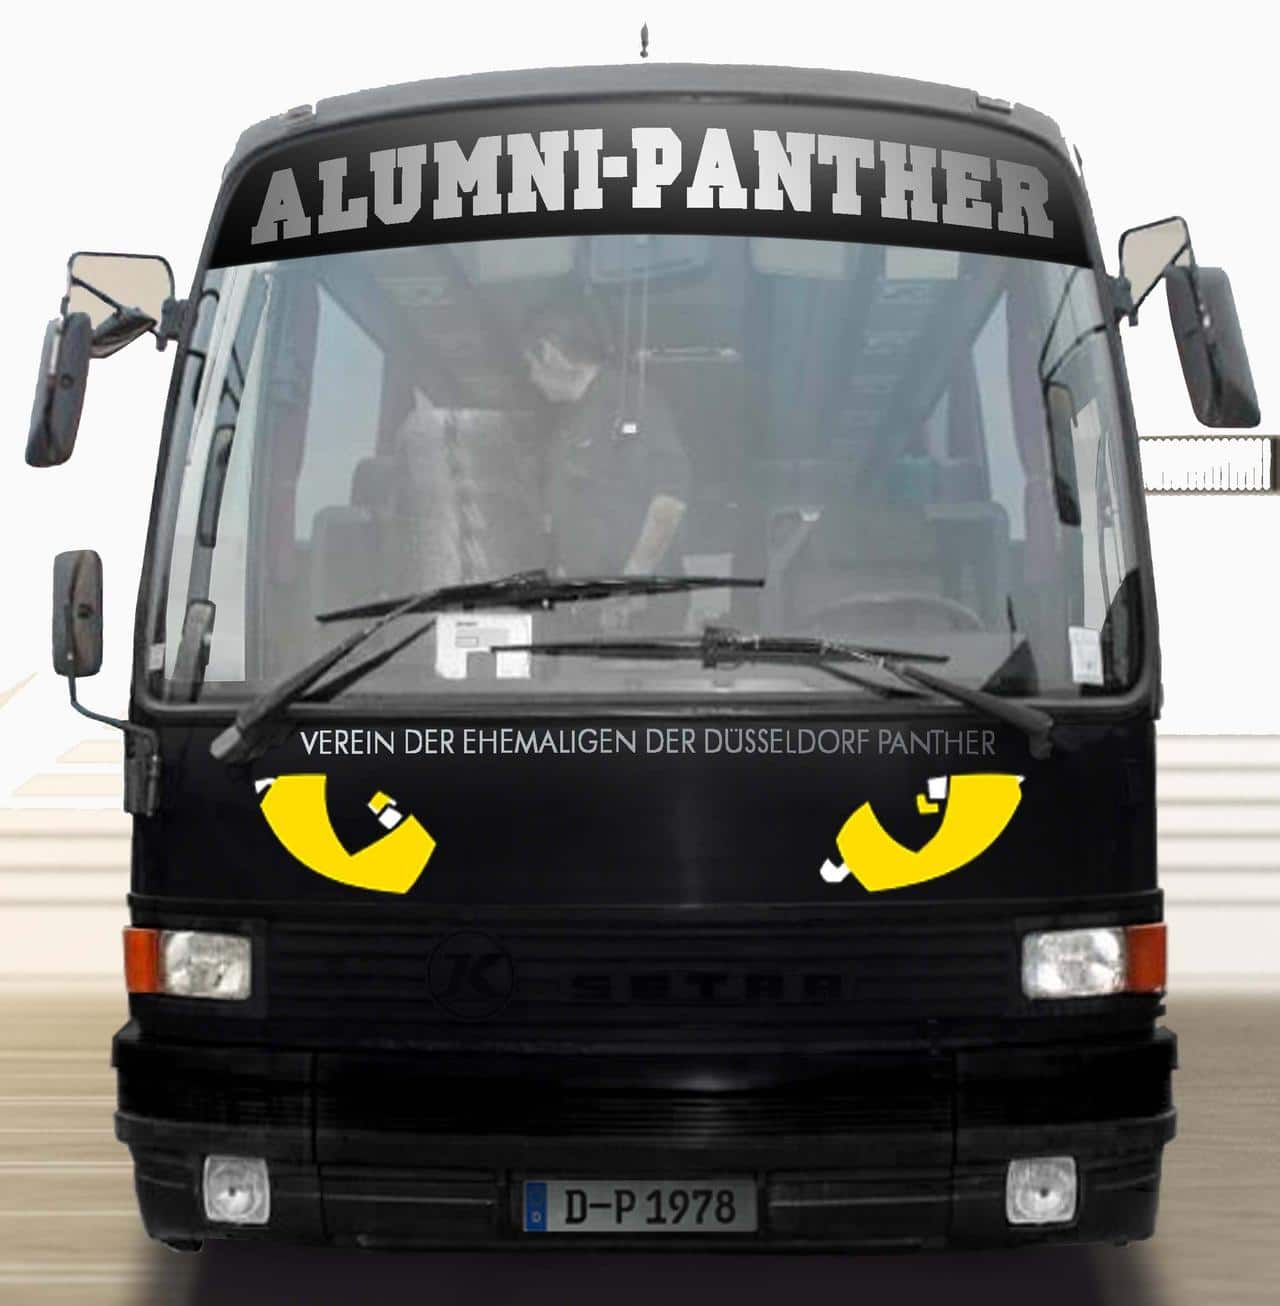 Der Panther Bus von Alumni Panther hat noch Termine frei.